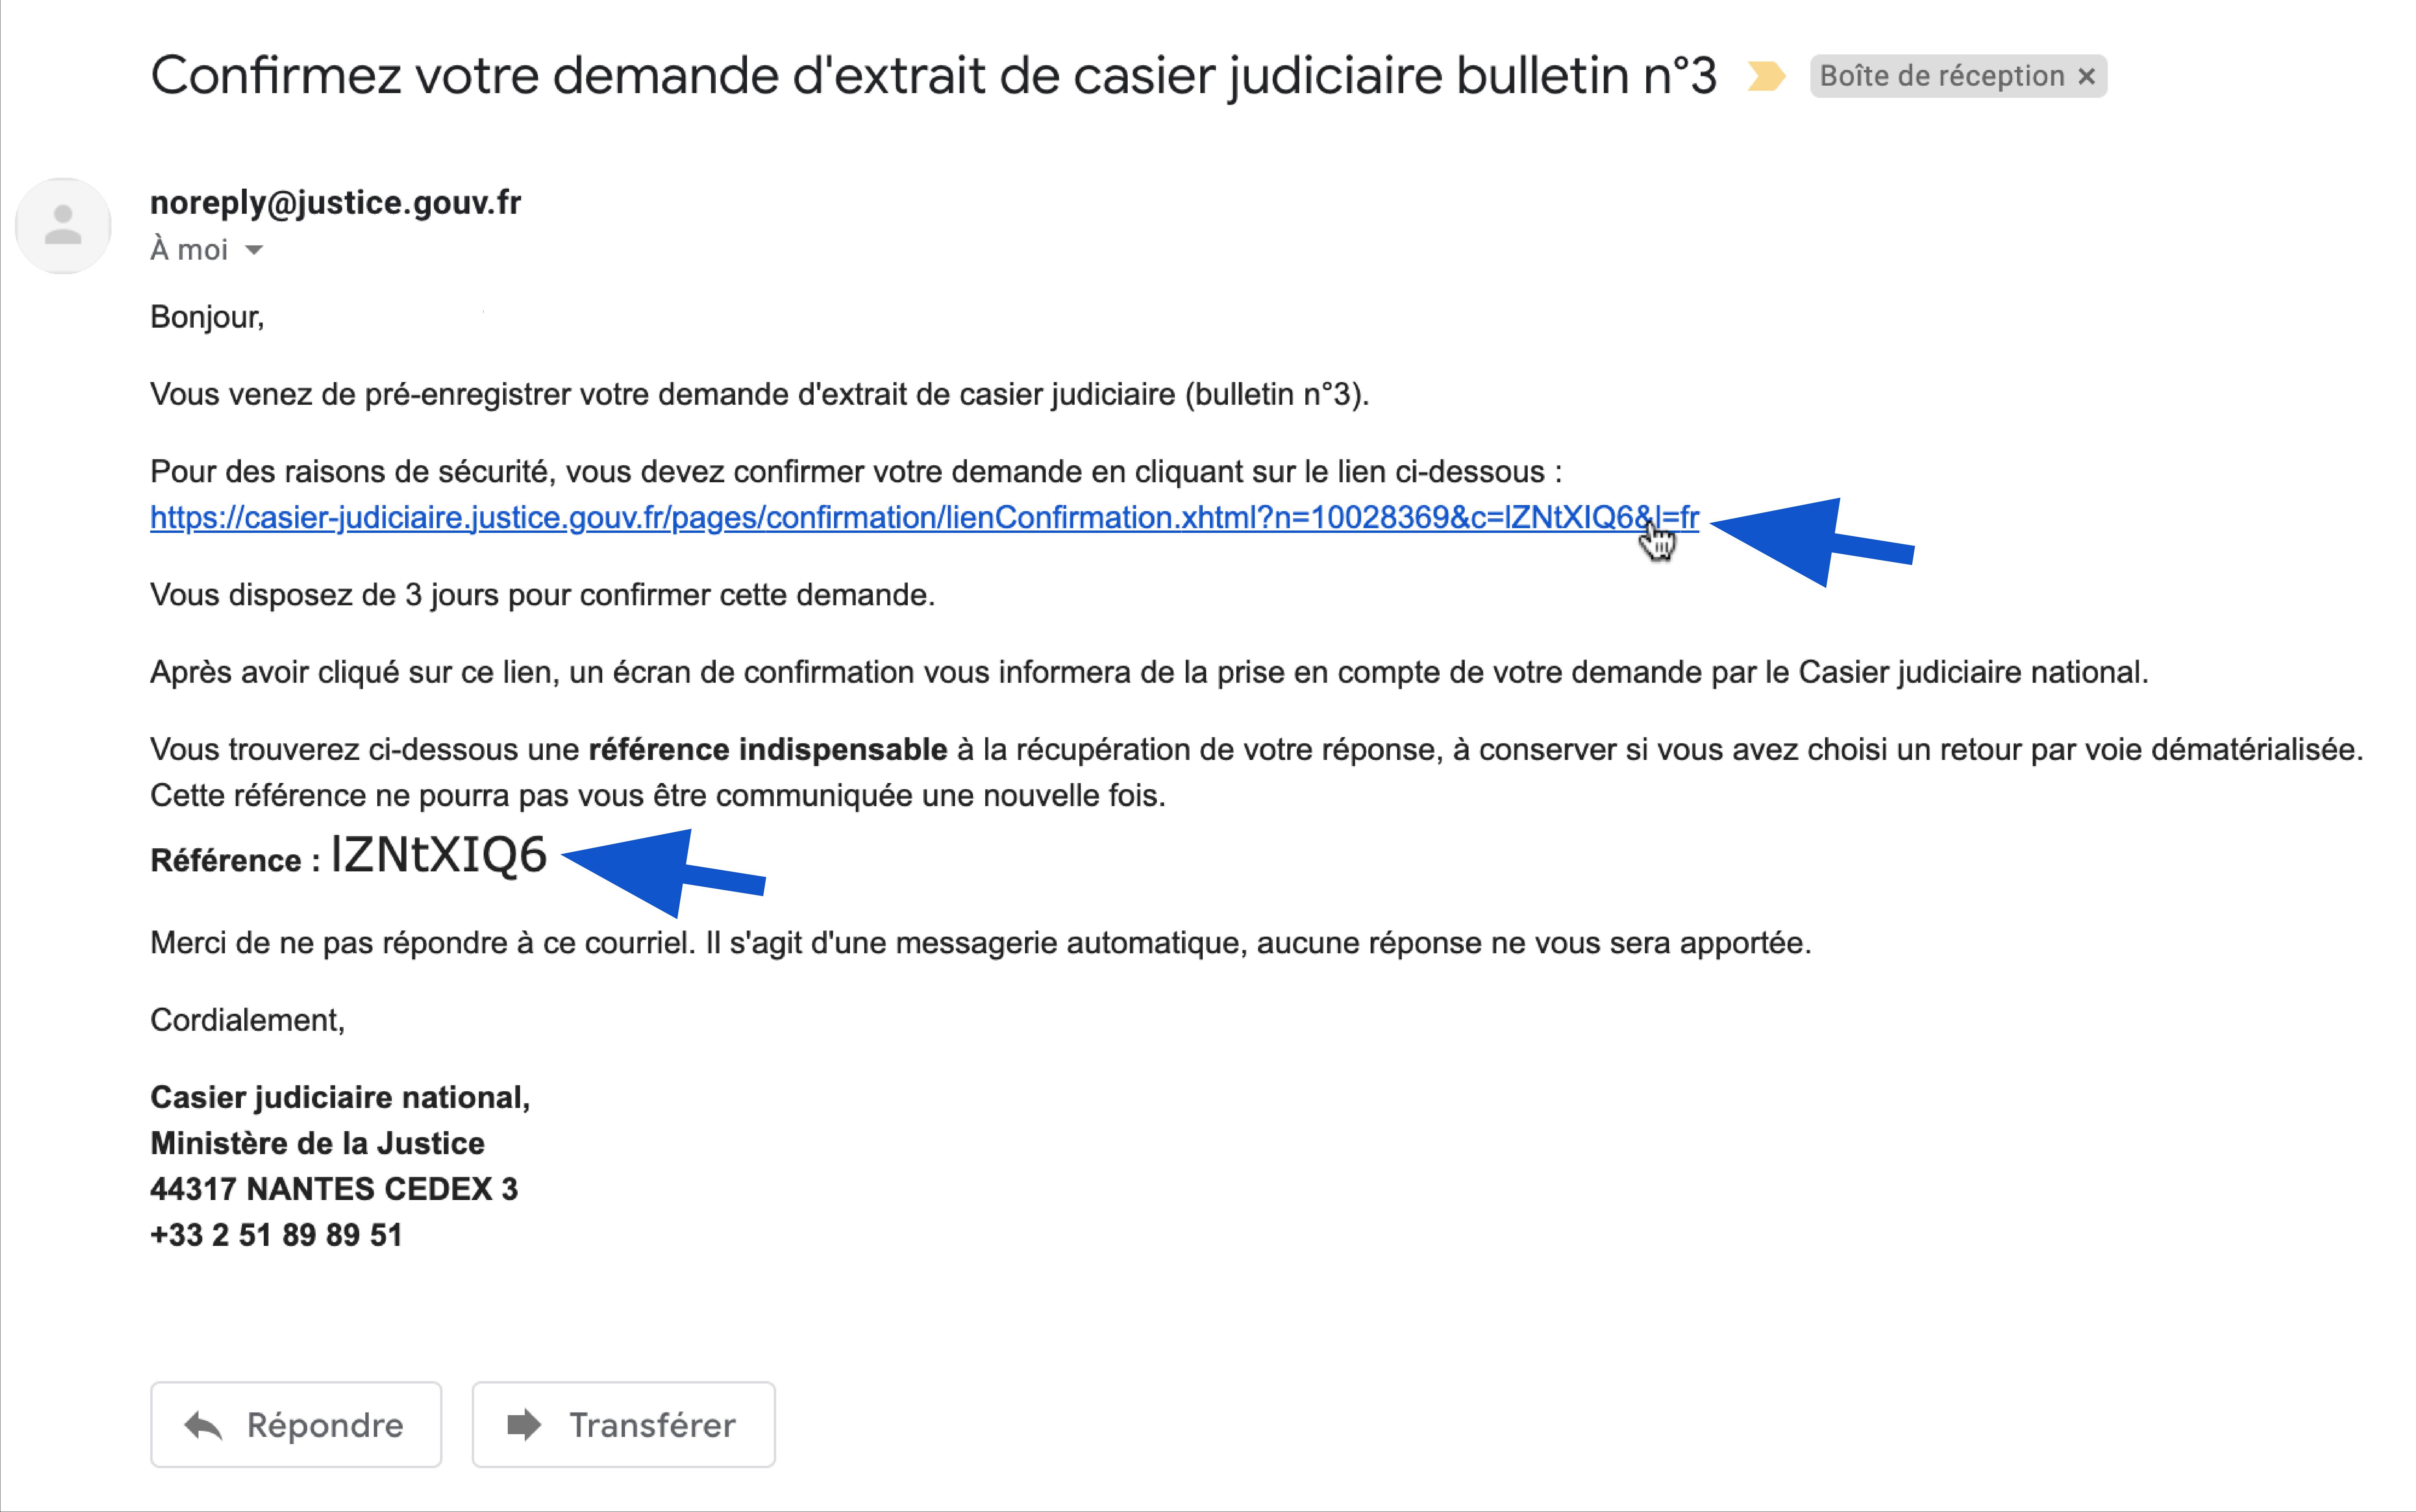 Mail de confirmation de demande d'extrait de casier judiciaire